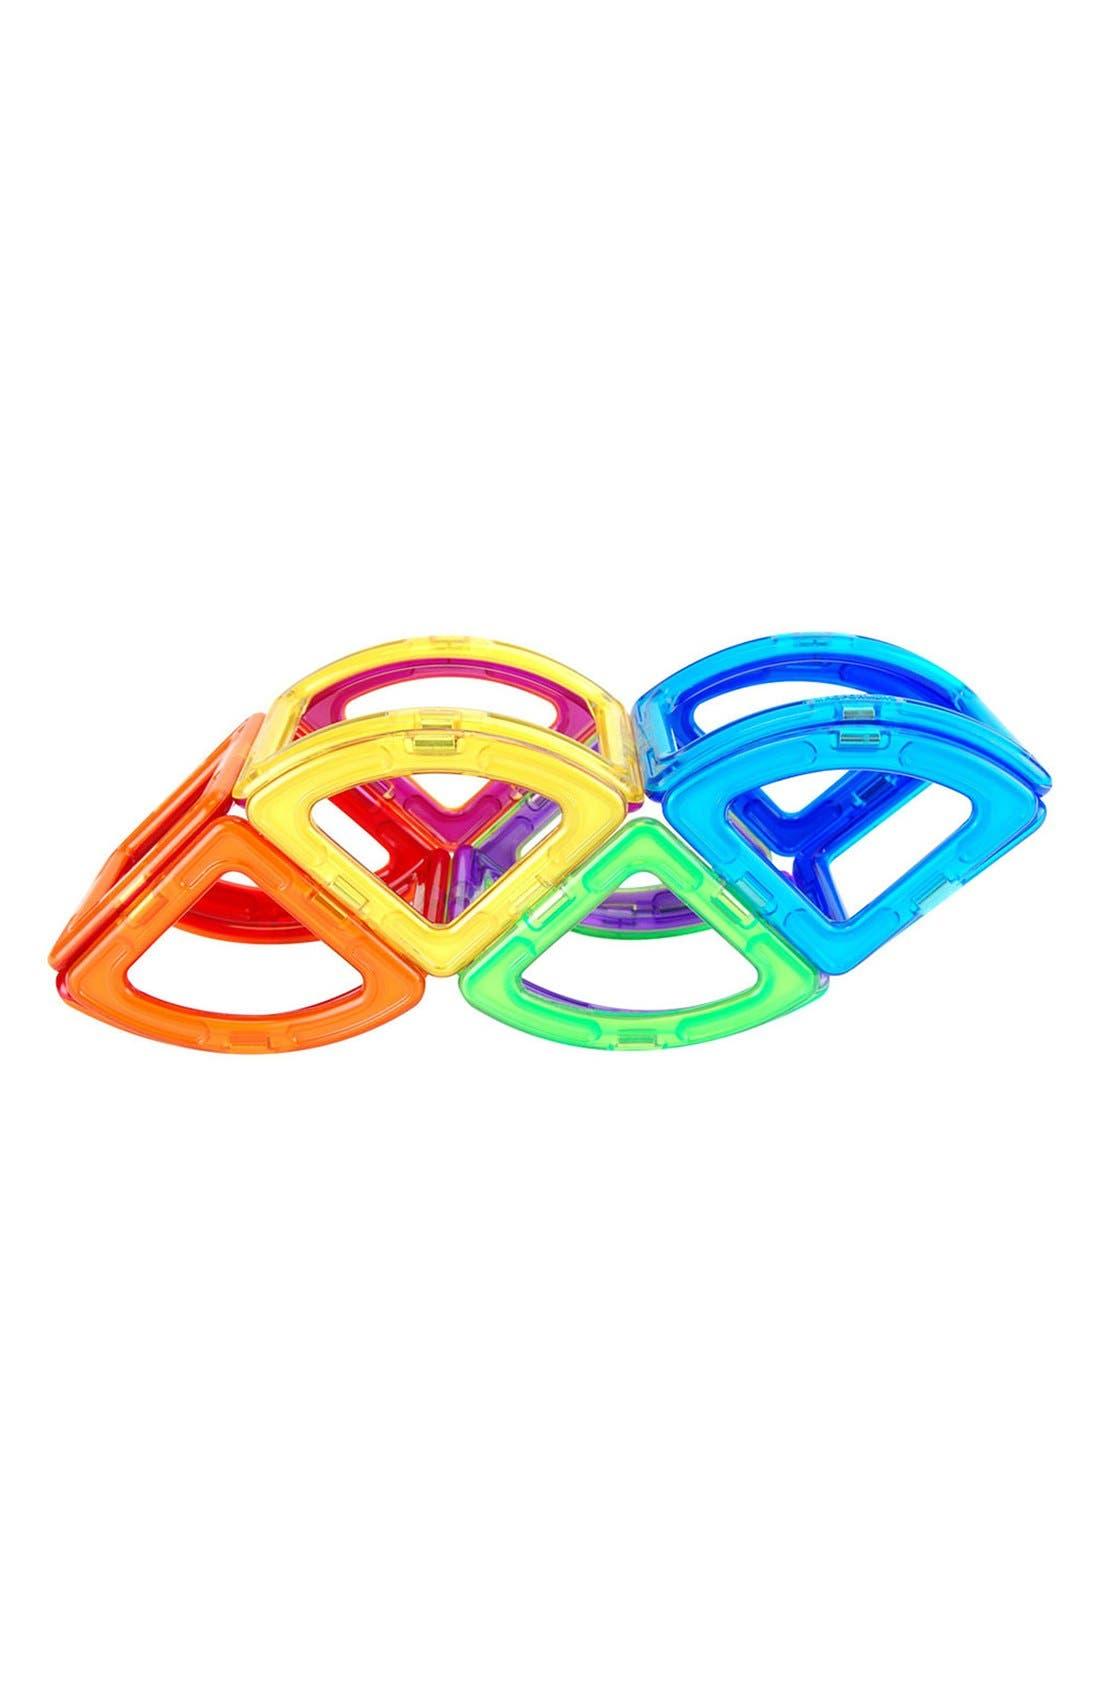 'Creator - Unique' Magnetic 3D Construction Set,                             Alternate thumbnail 2, color,                             Rainbow